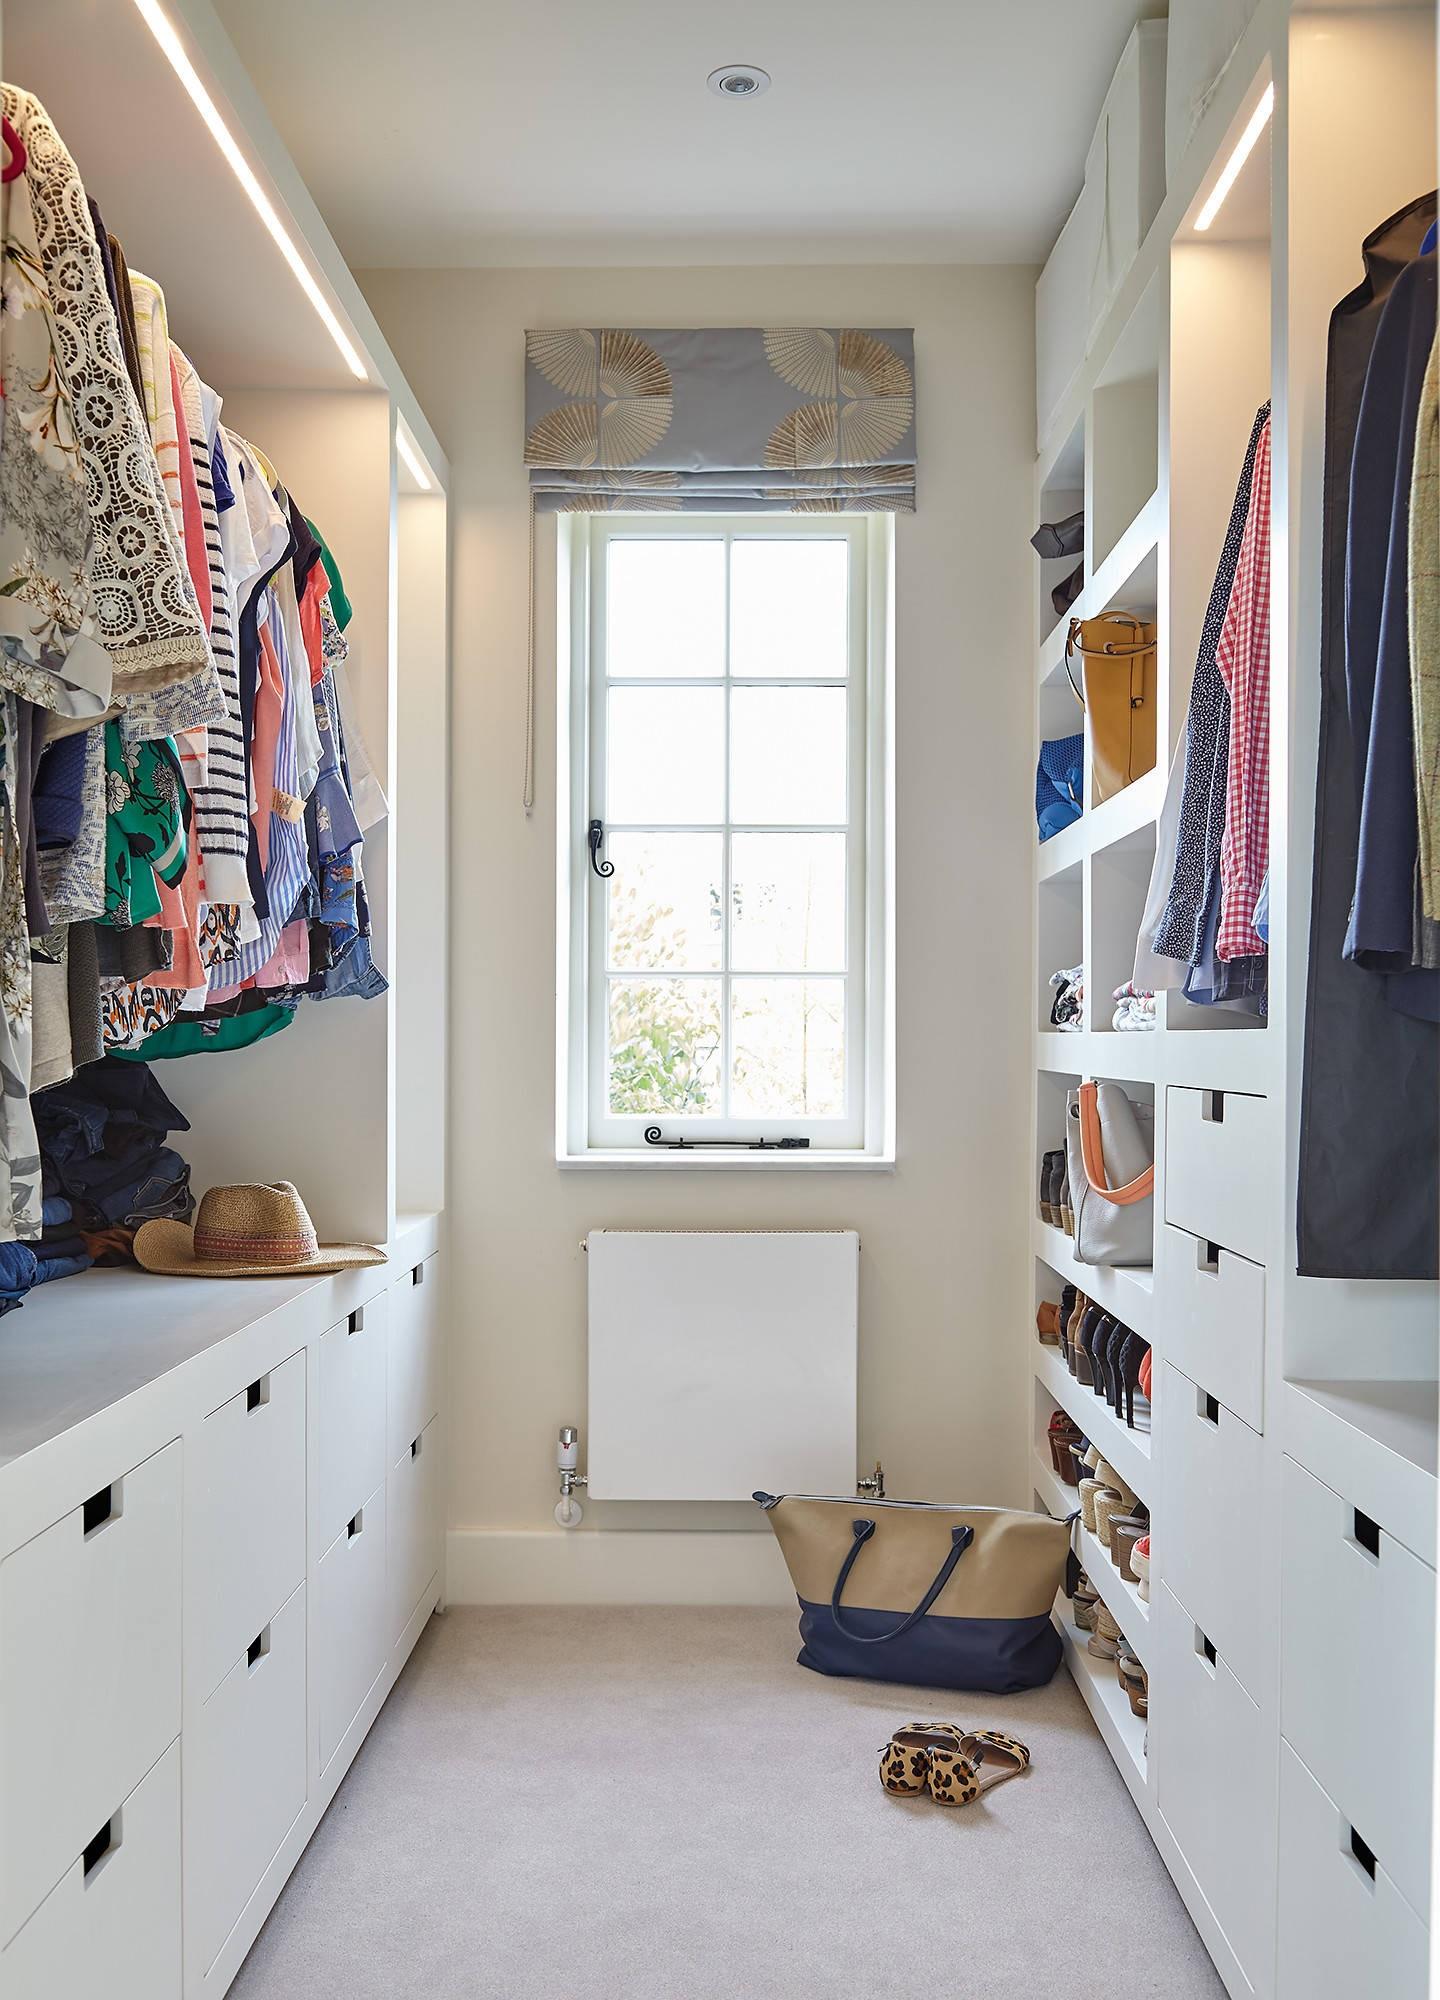 Idée de vestiaire simple et pratique.